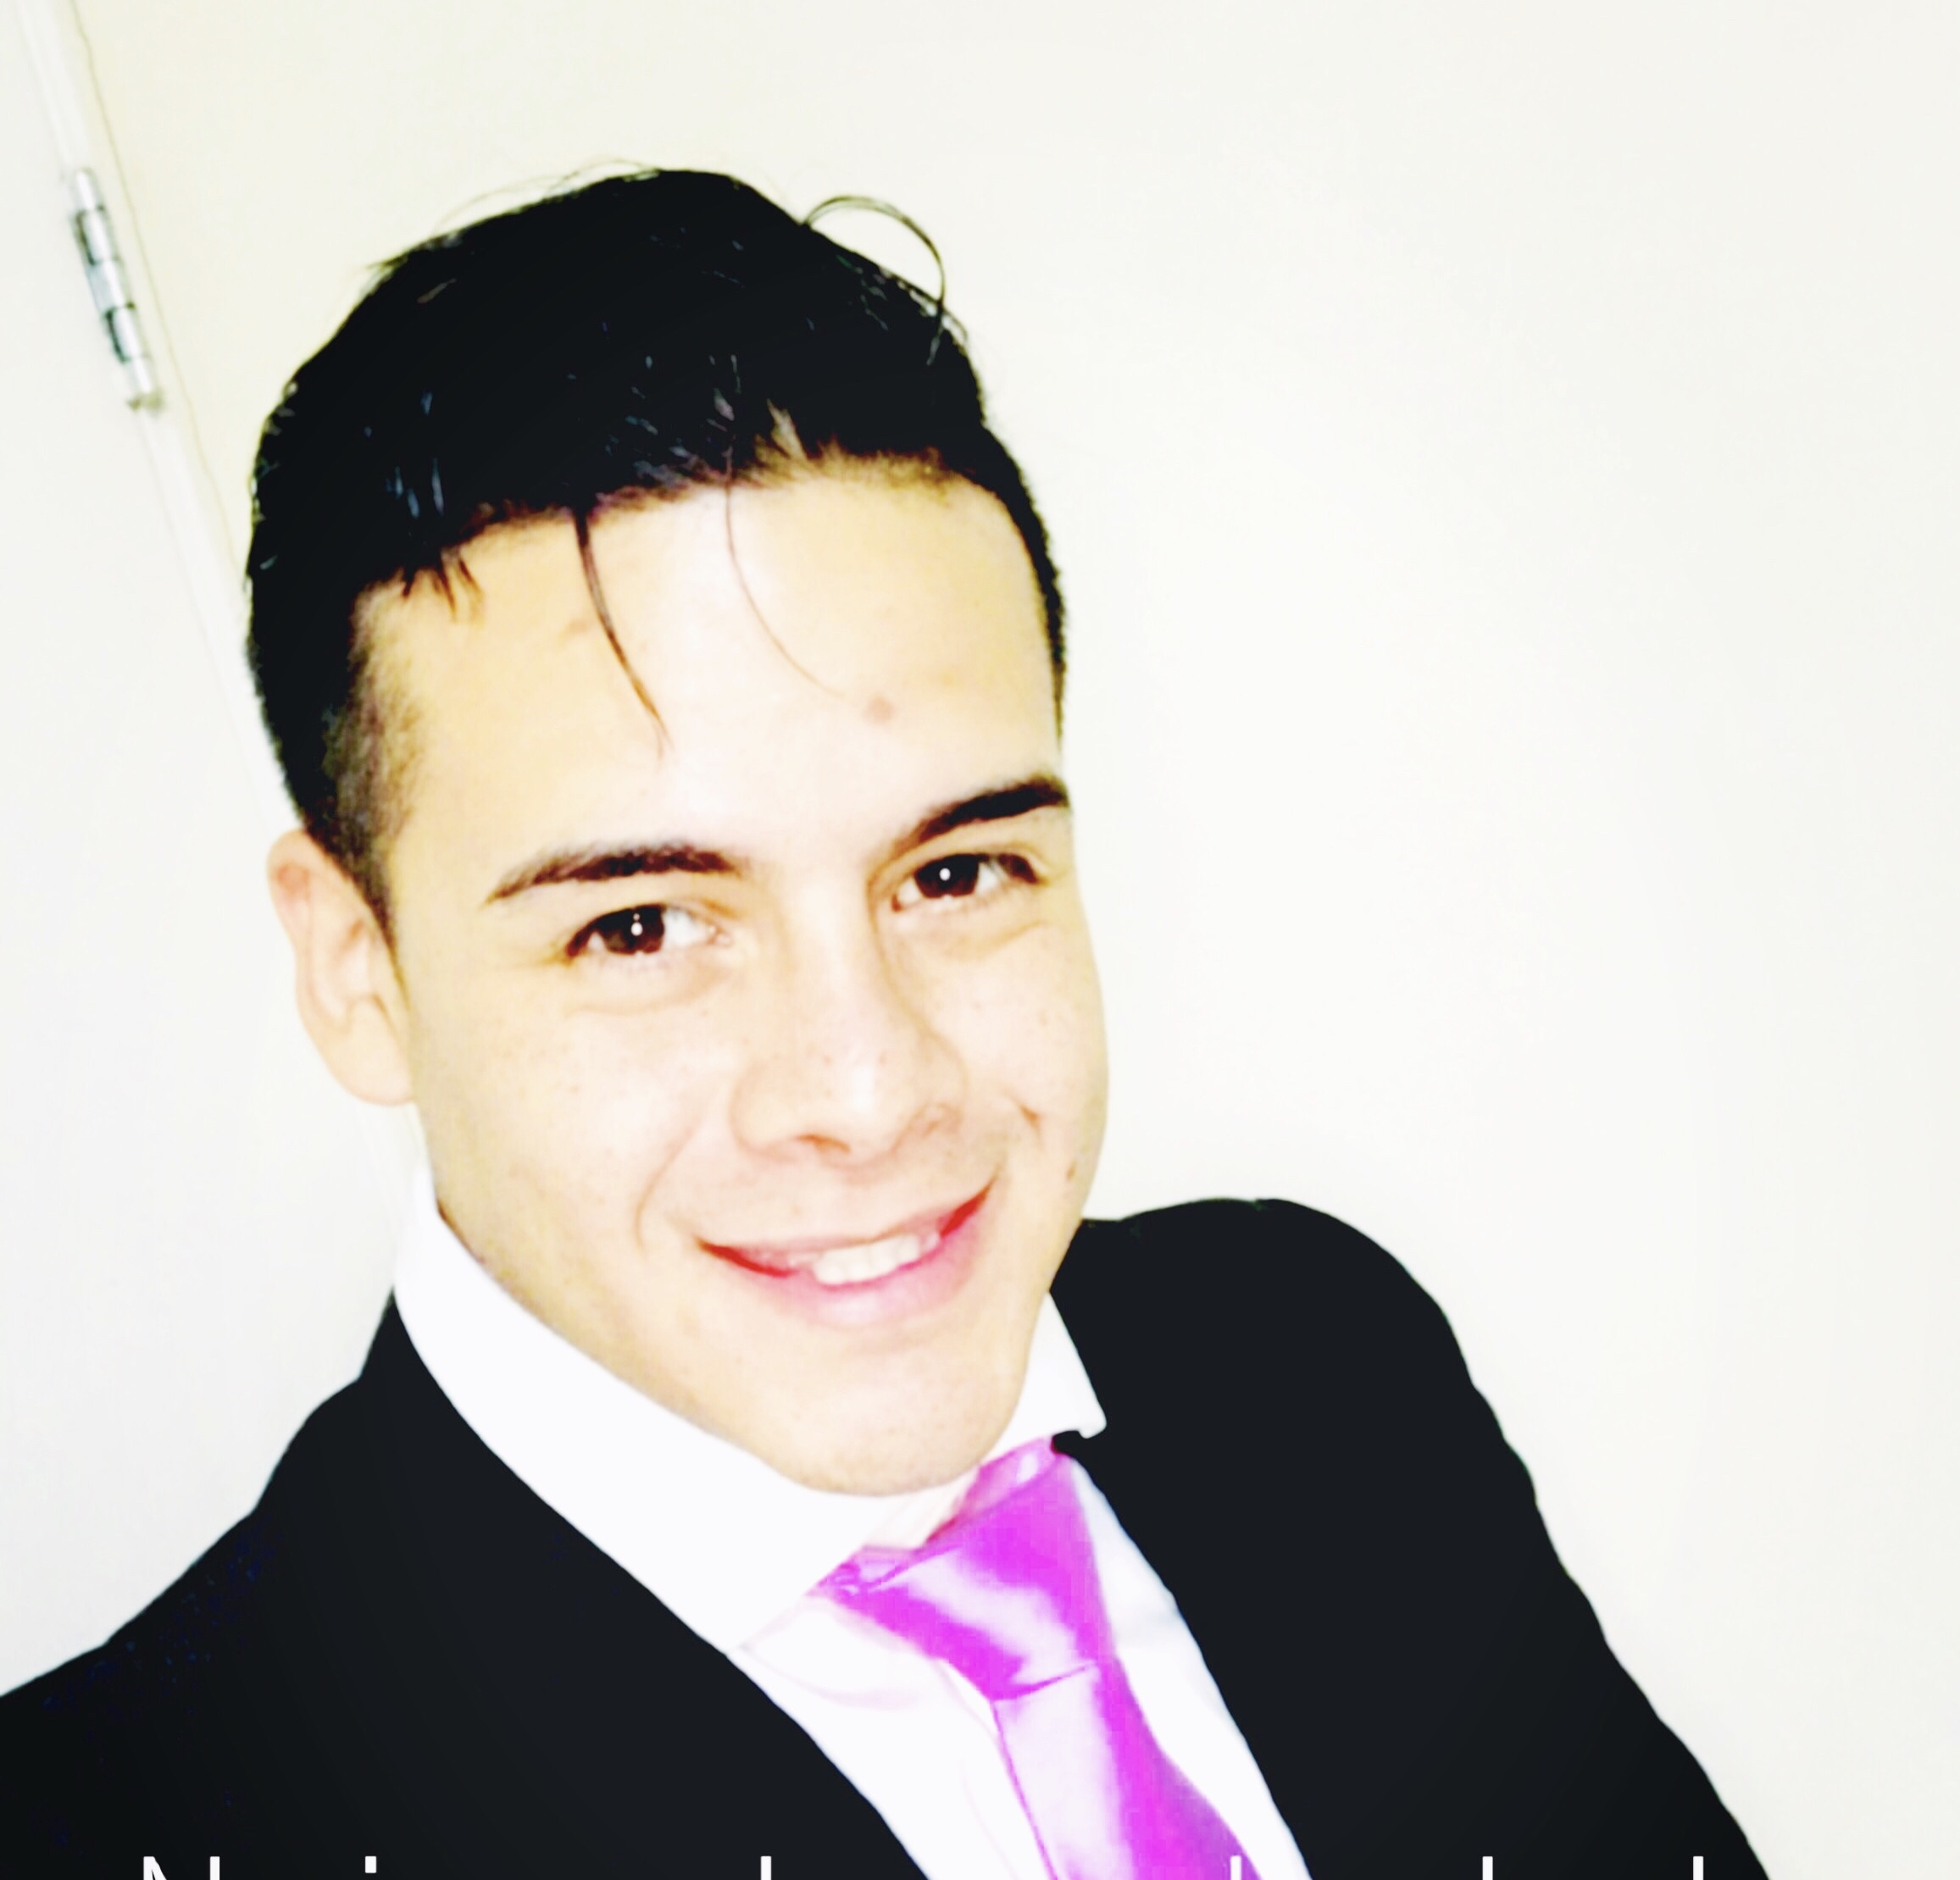 Arturo  Ariza's photo'